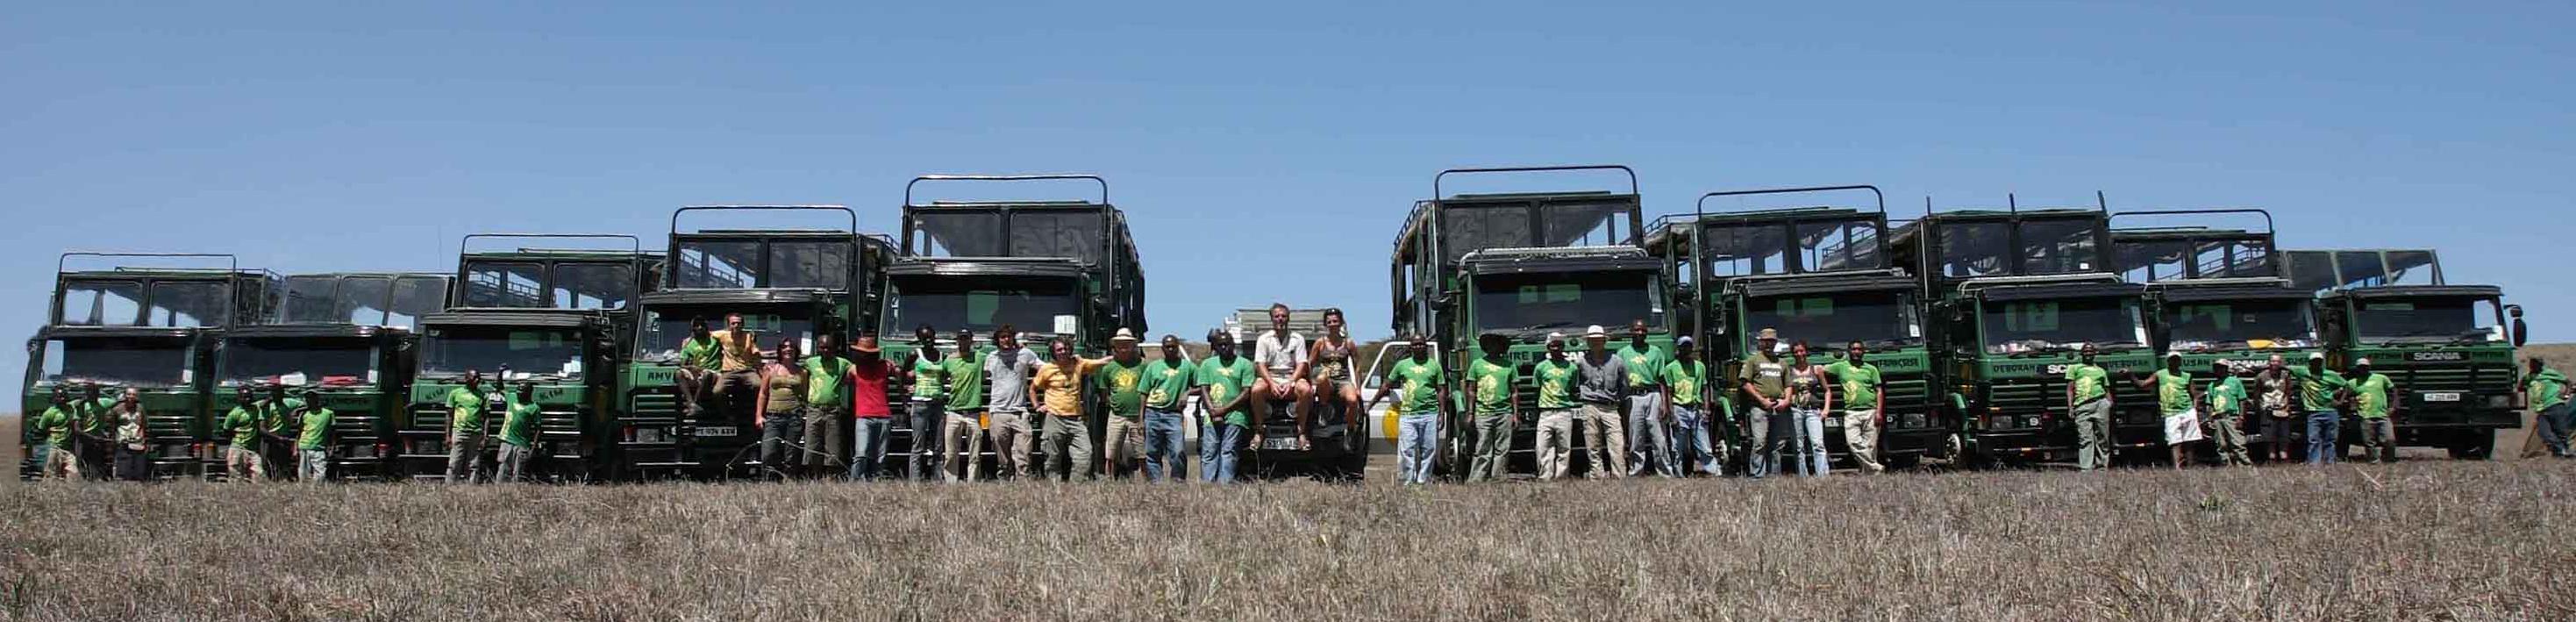 Kananga dispone de una flota de camiones propia para facilitar nuestro servicio en África